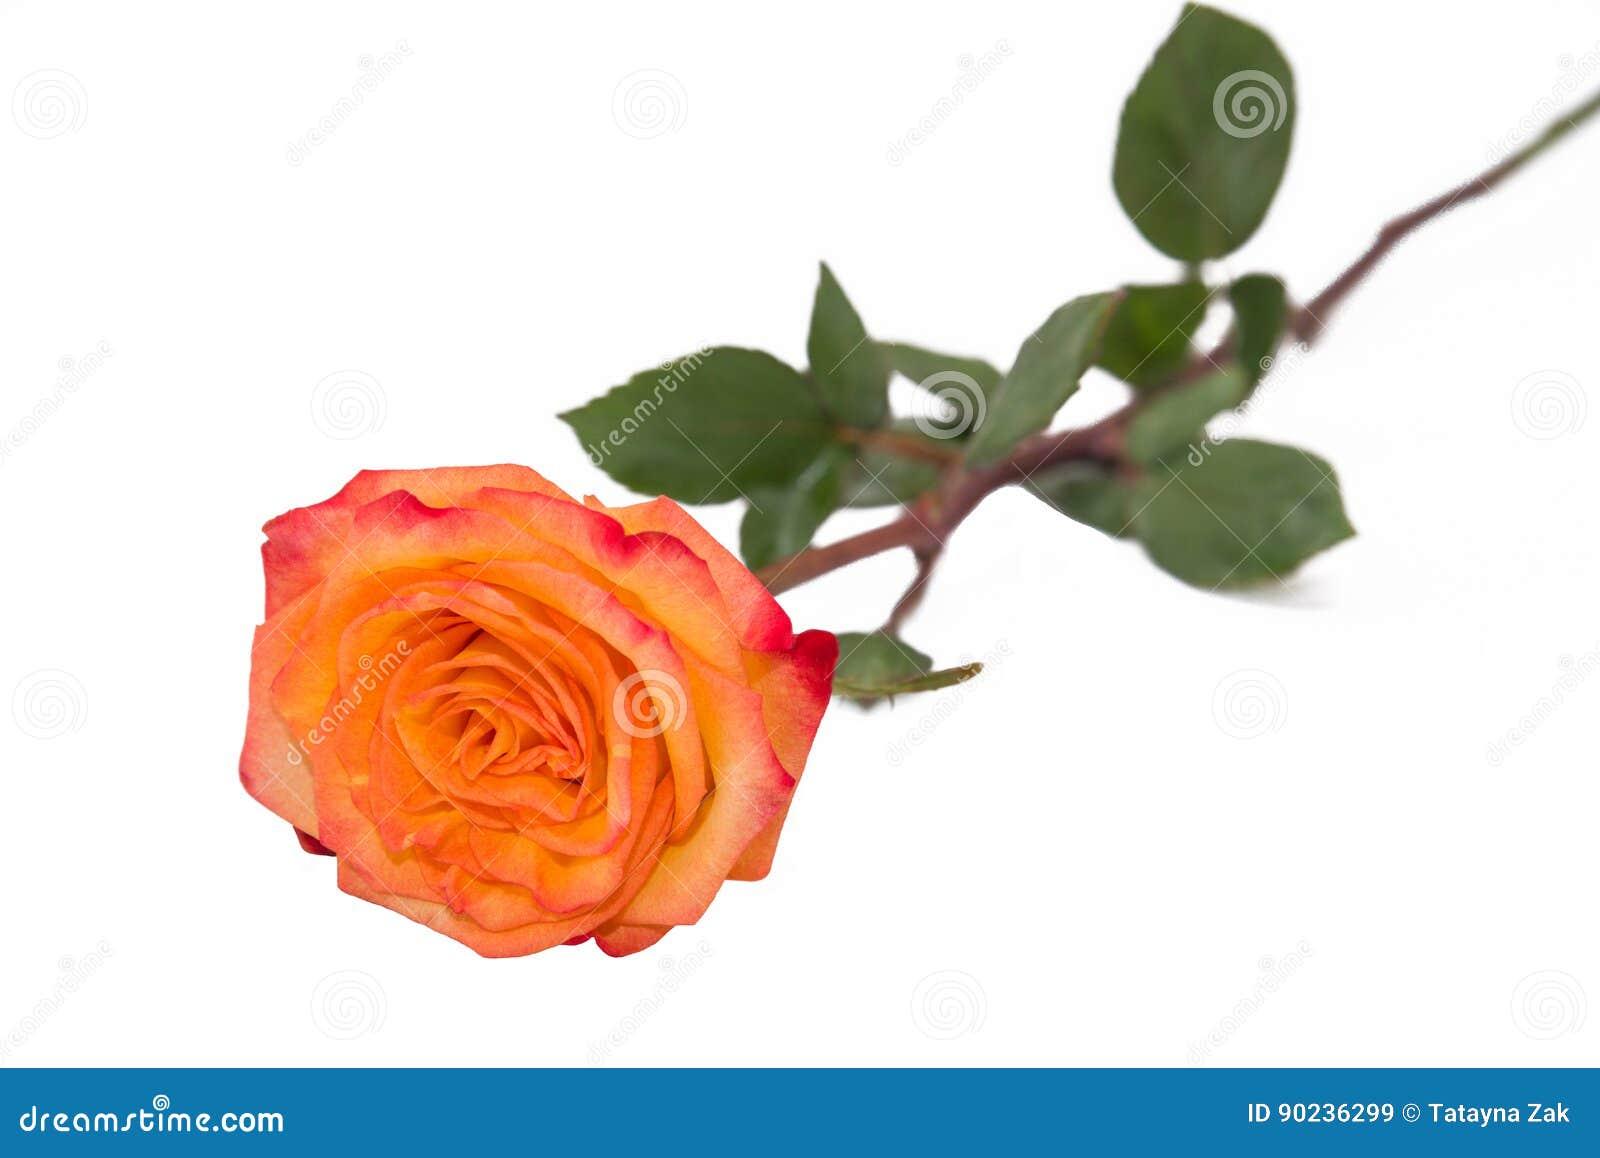 Une rose d 39 or simple de jaune sur une tige naturelle avec - Rose avec tige ...